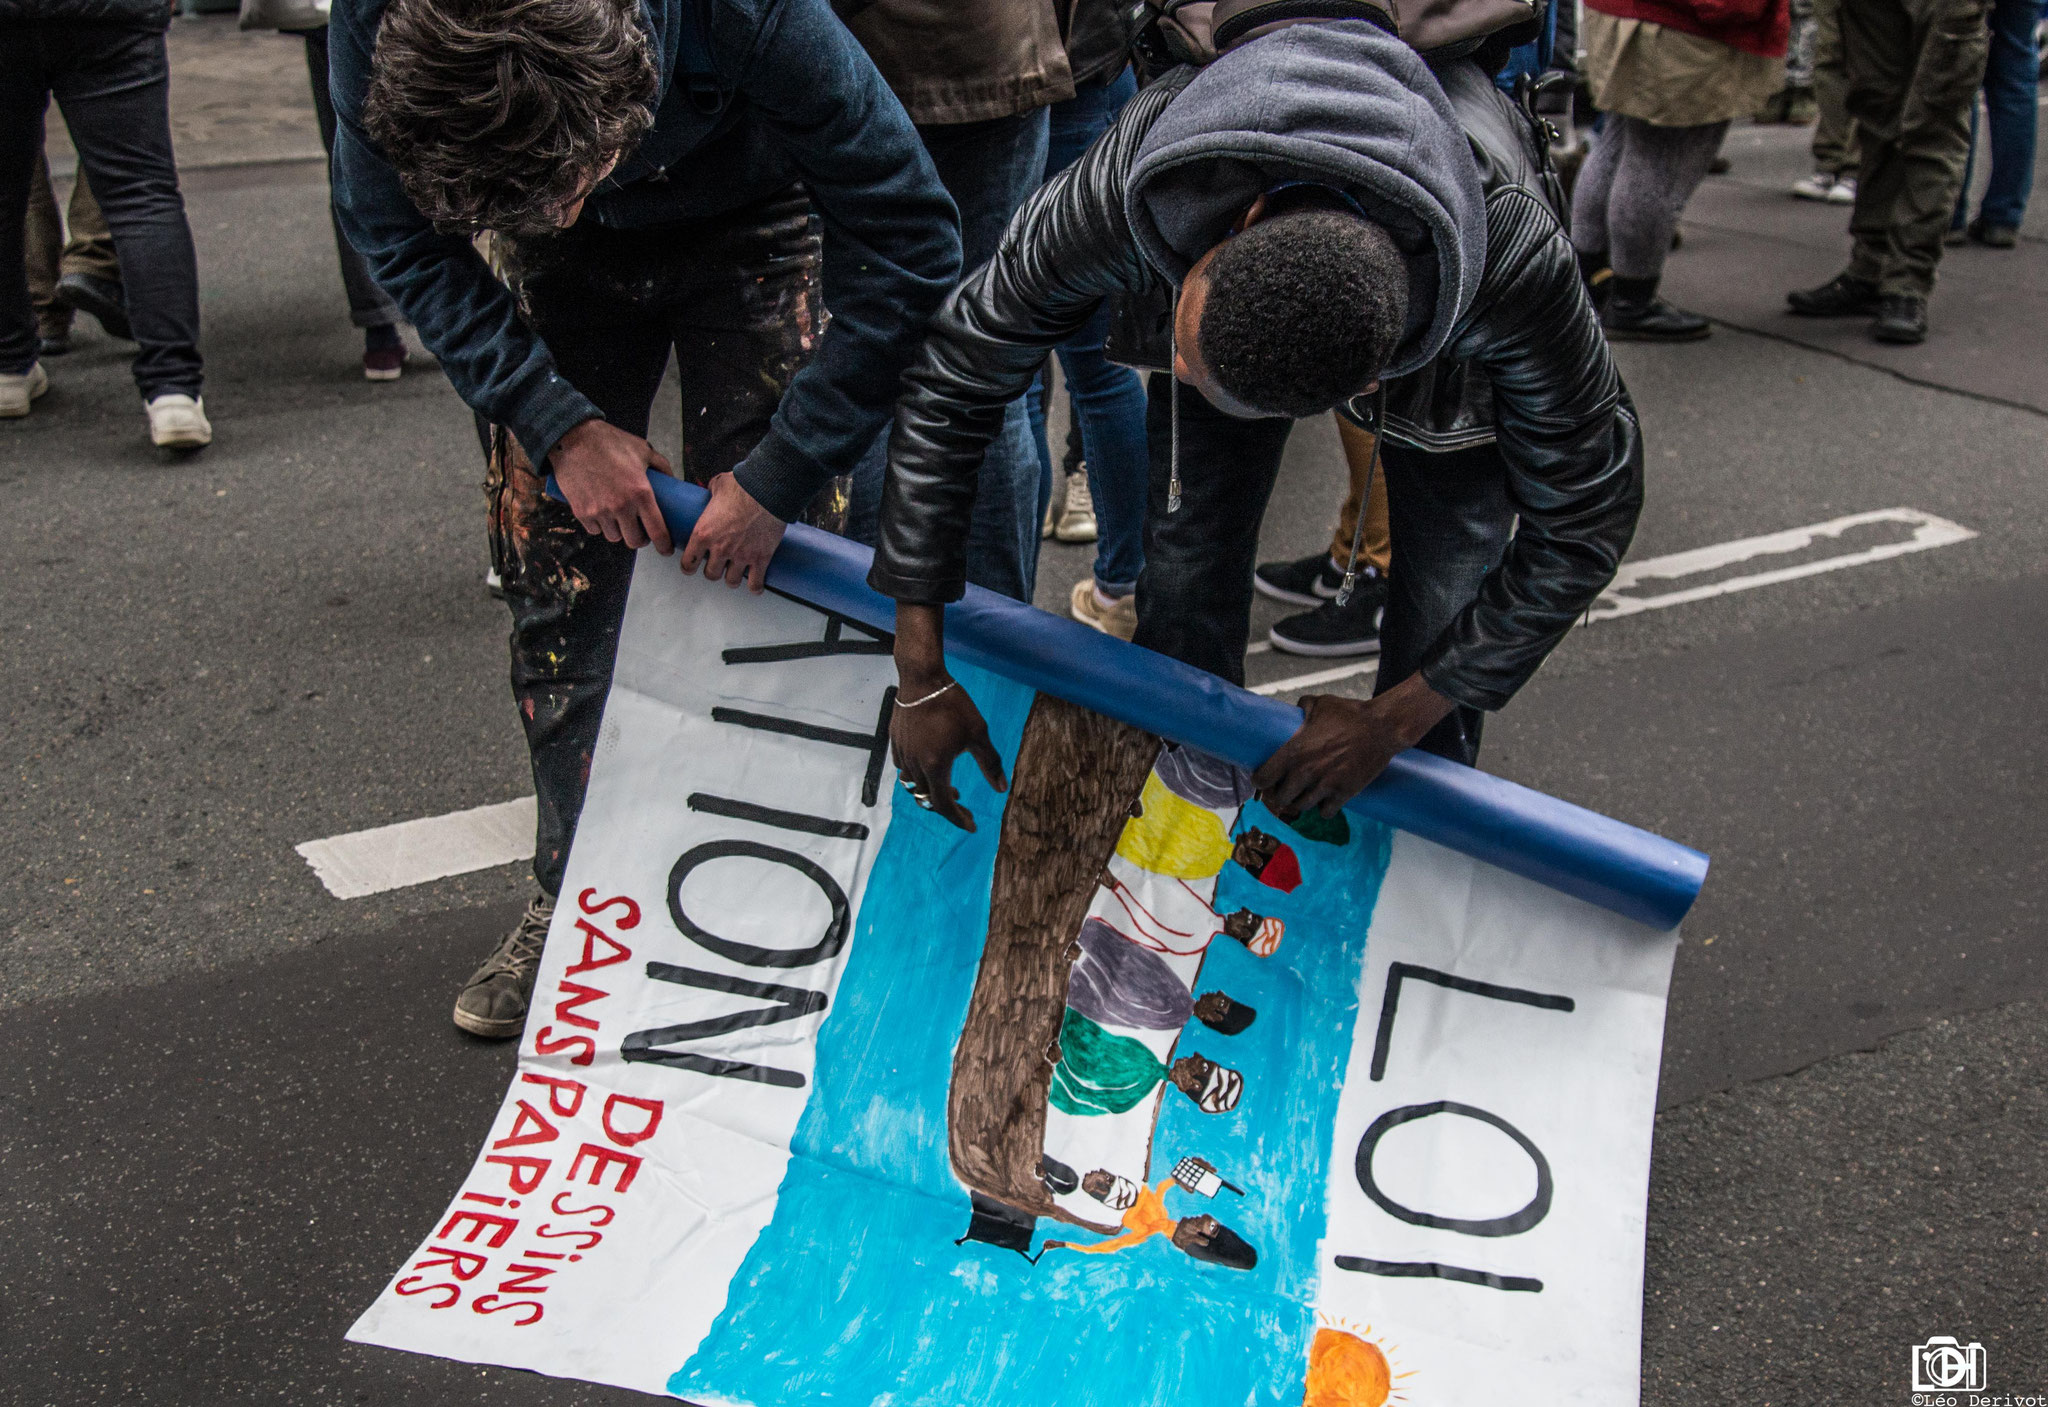 Manifestation Parisienne de soutien aux migrants, 14 Avril 2018